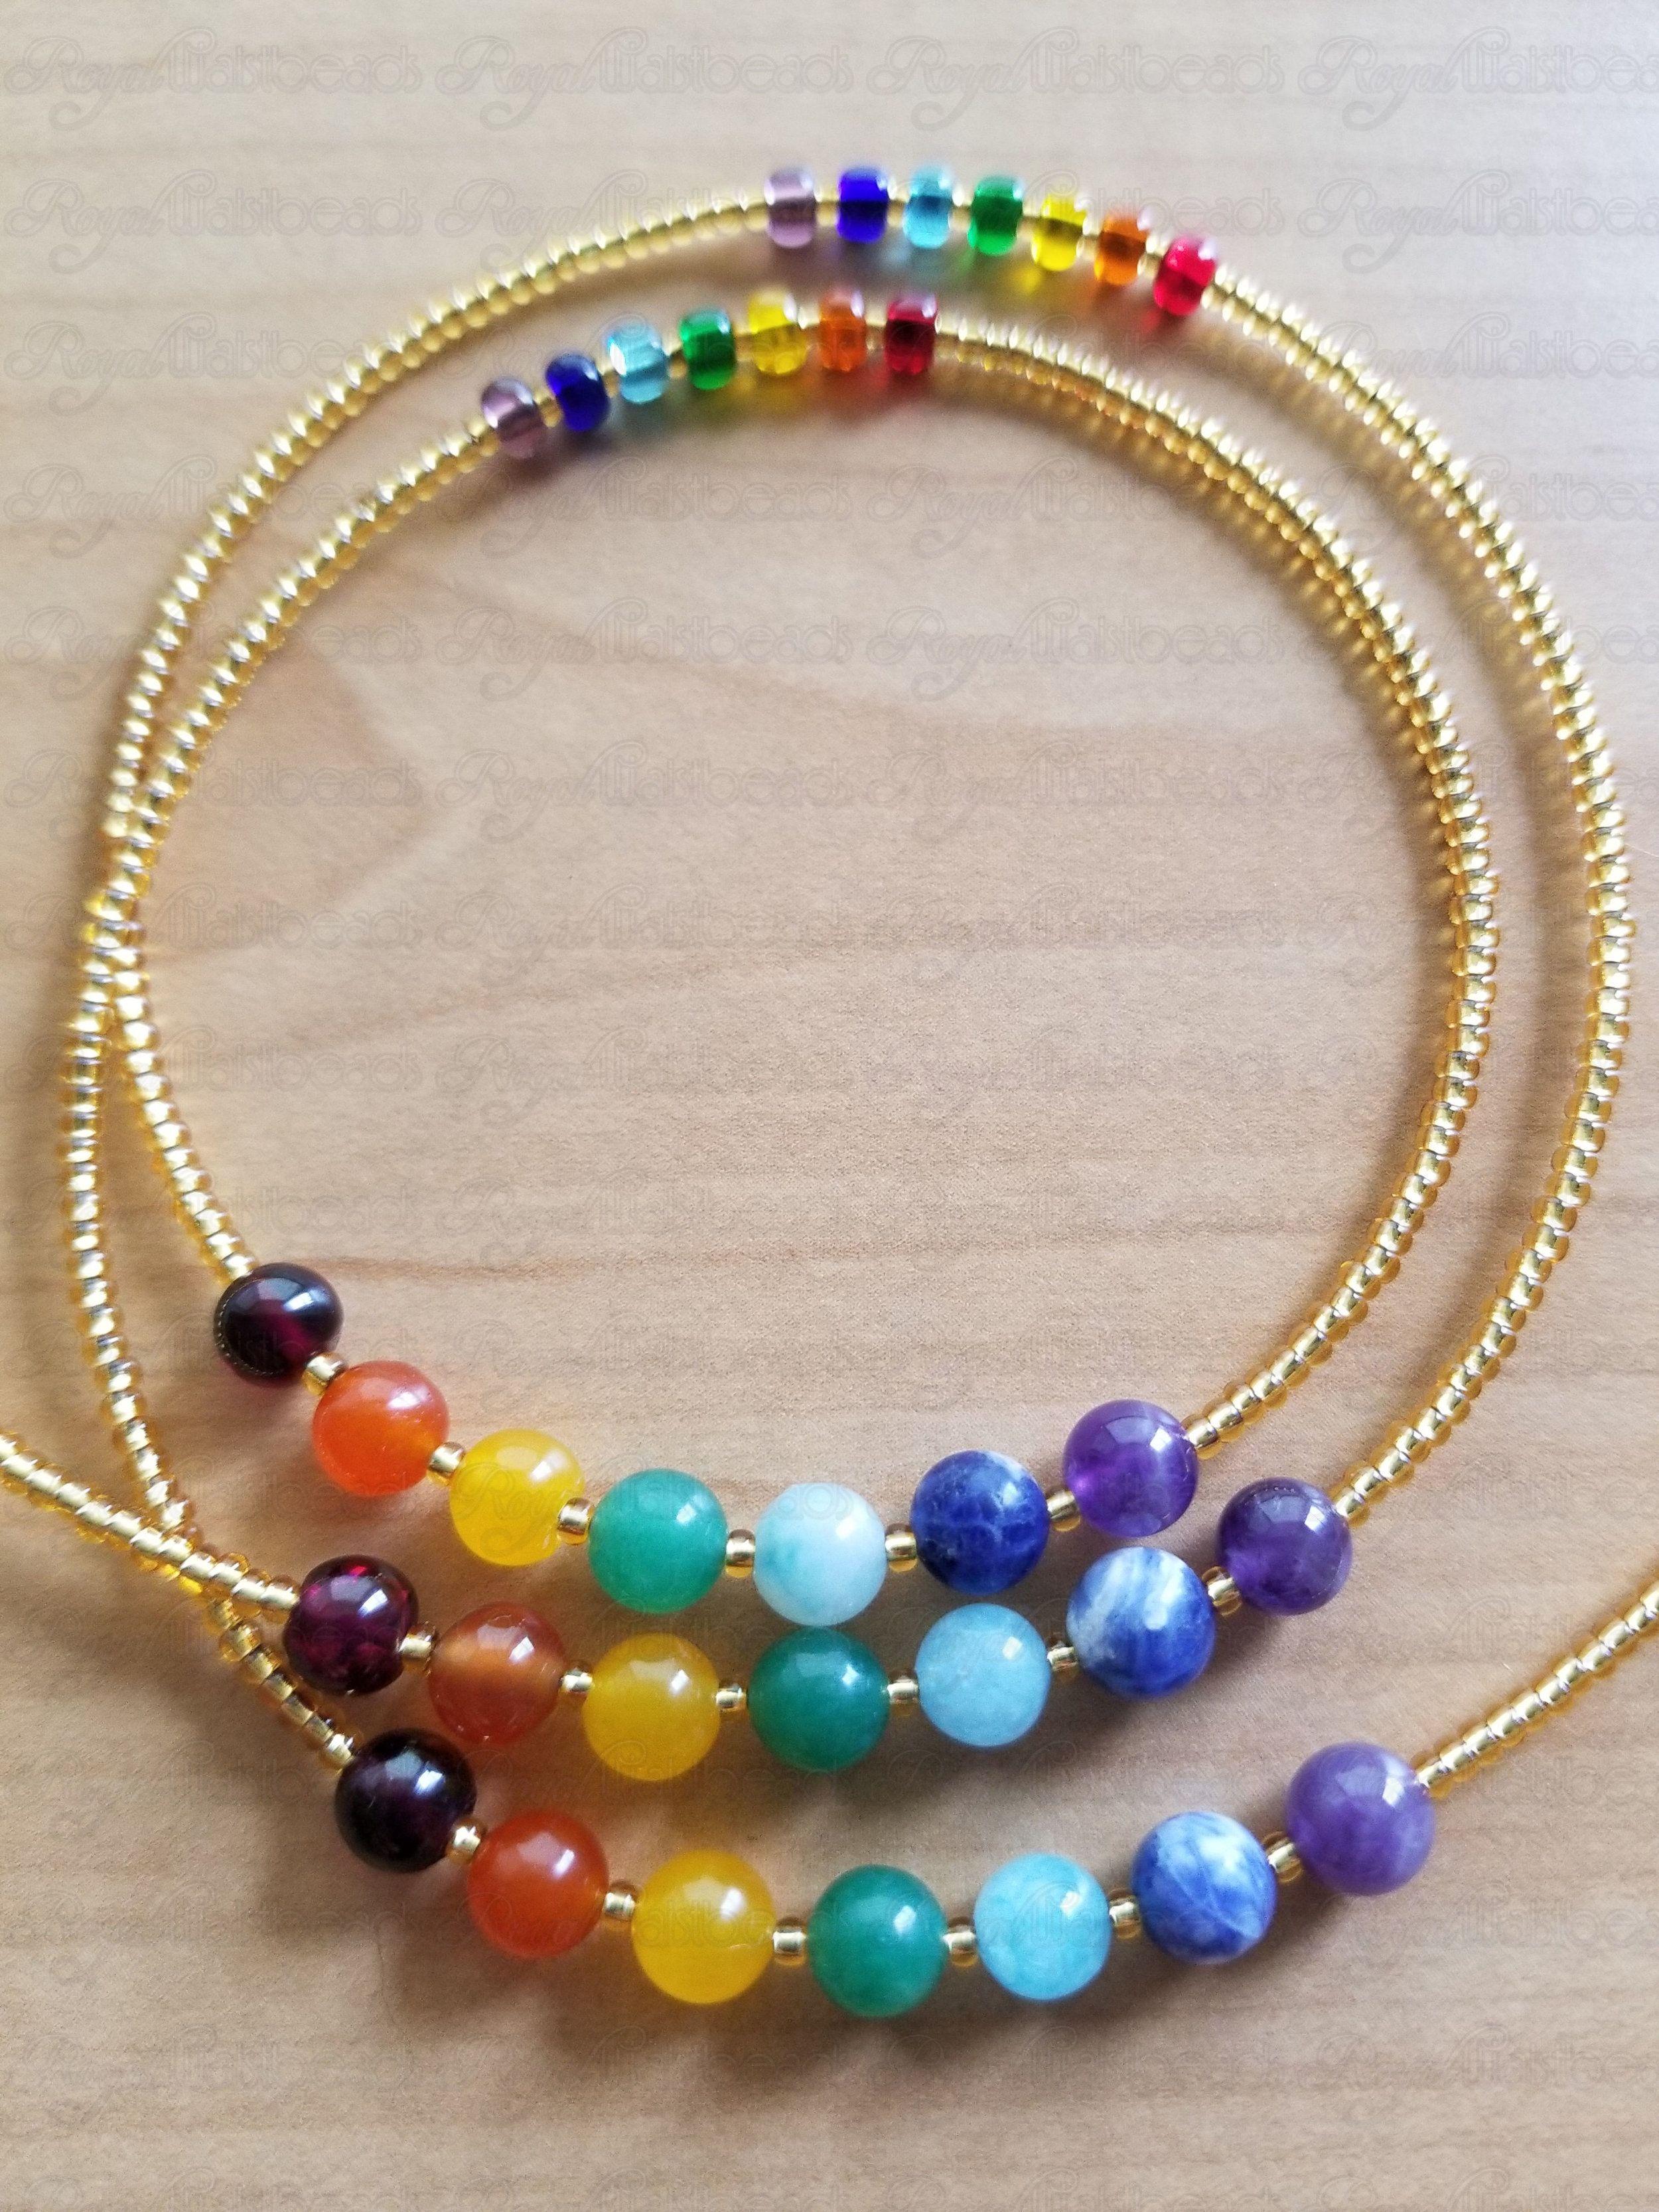 Crystal Waist Beads Third Eye Chakra 18k Gold Chain Handmade to Order Nala Light Purple